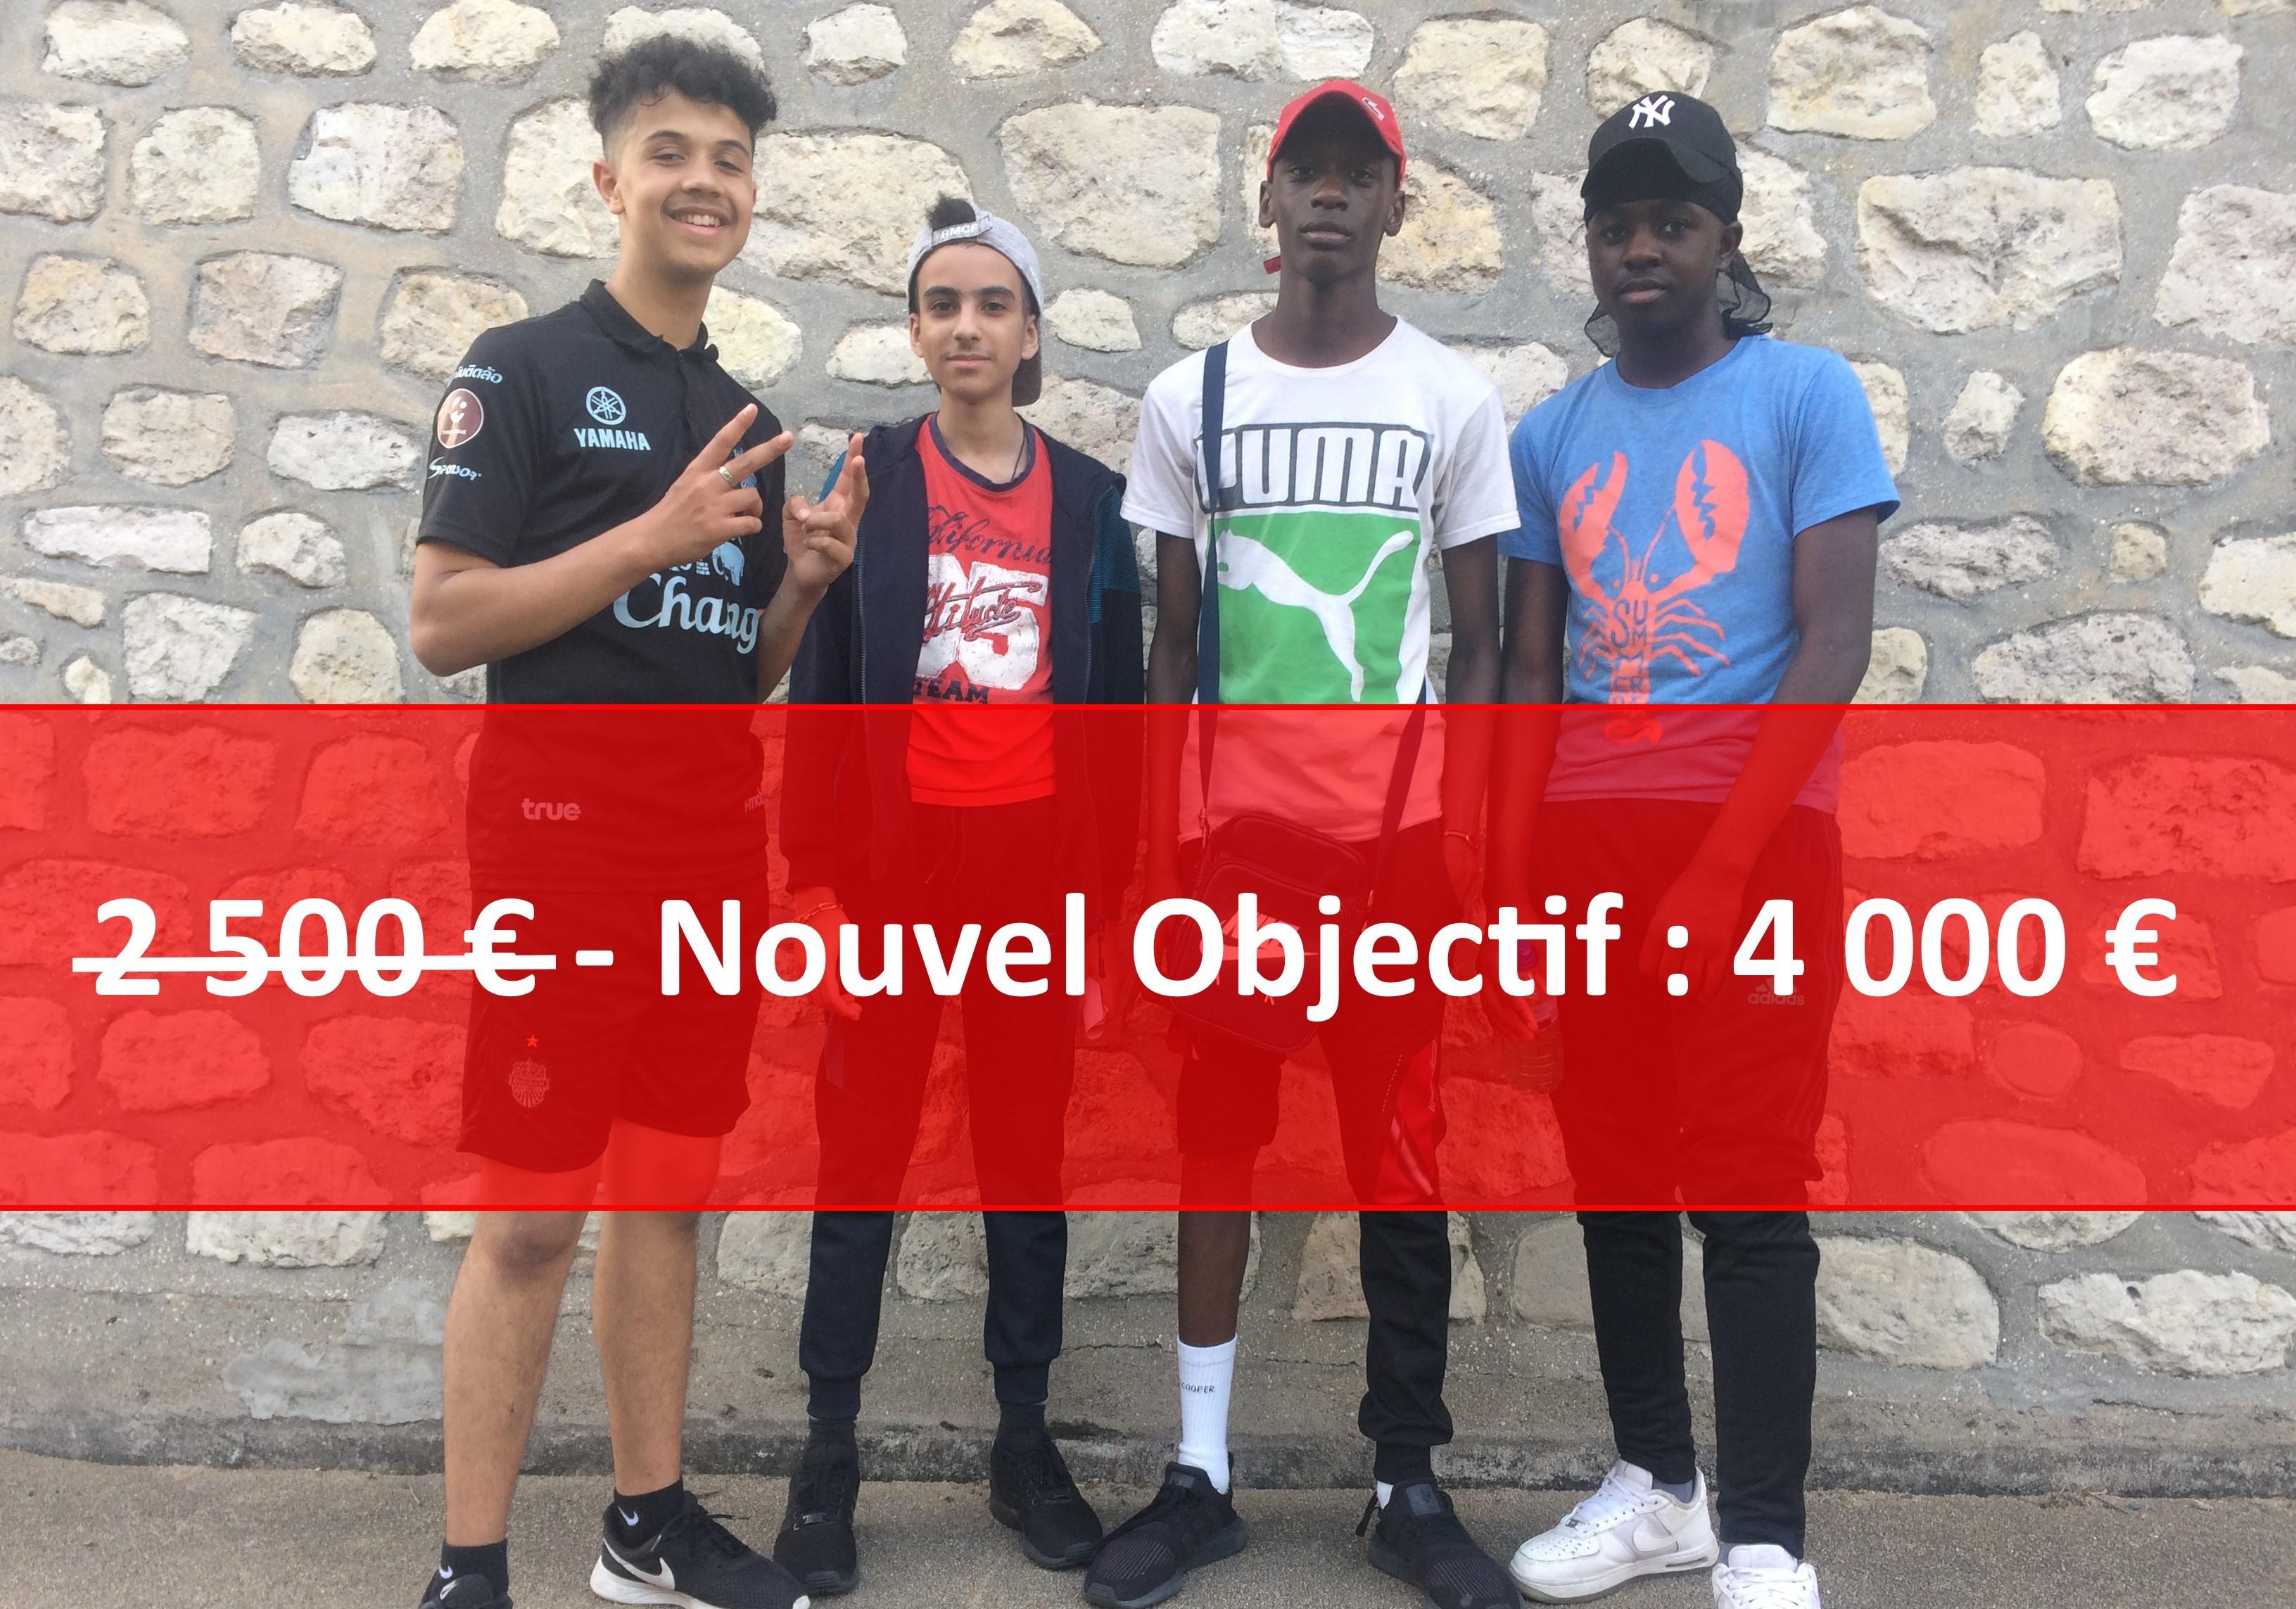 image_thumb_20 jeunes du 20ème au Puy du Fou - Nouvel objectif : la cinéscénie !